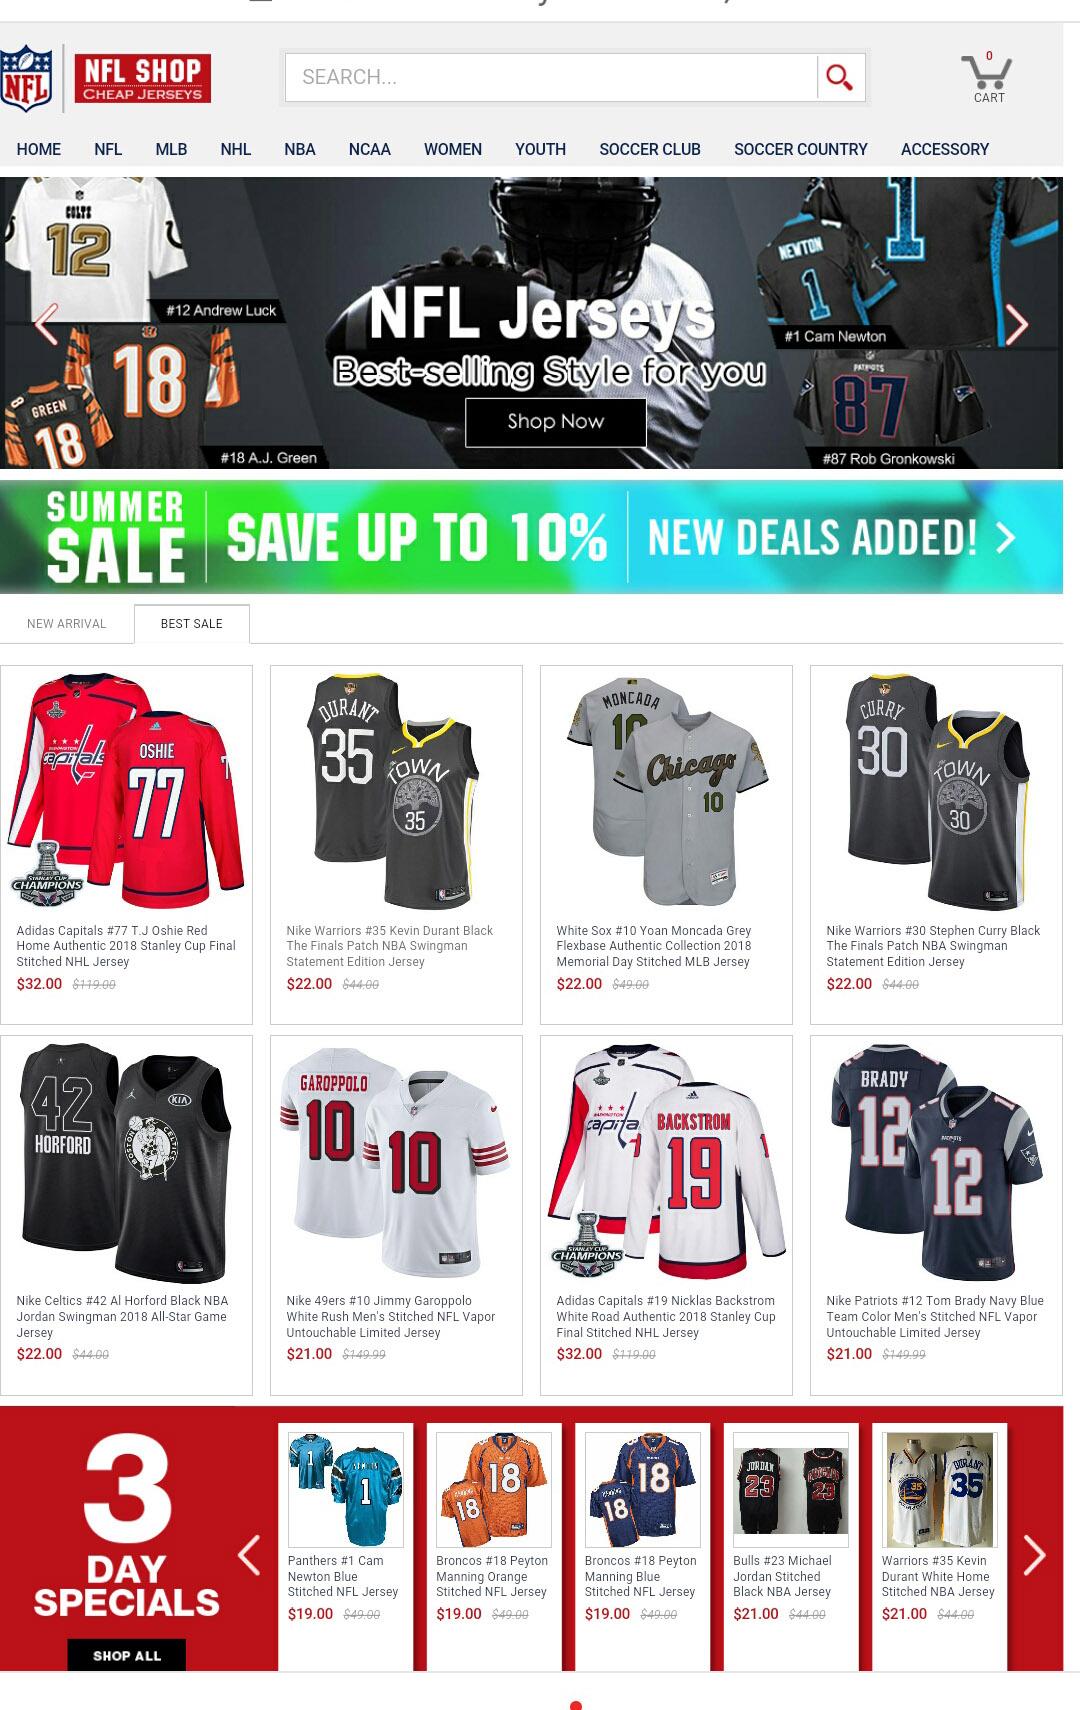 newest collection 7c29d b9273 Wholesale Jerseys - Best Online Jerseys Promotion Shop